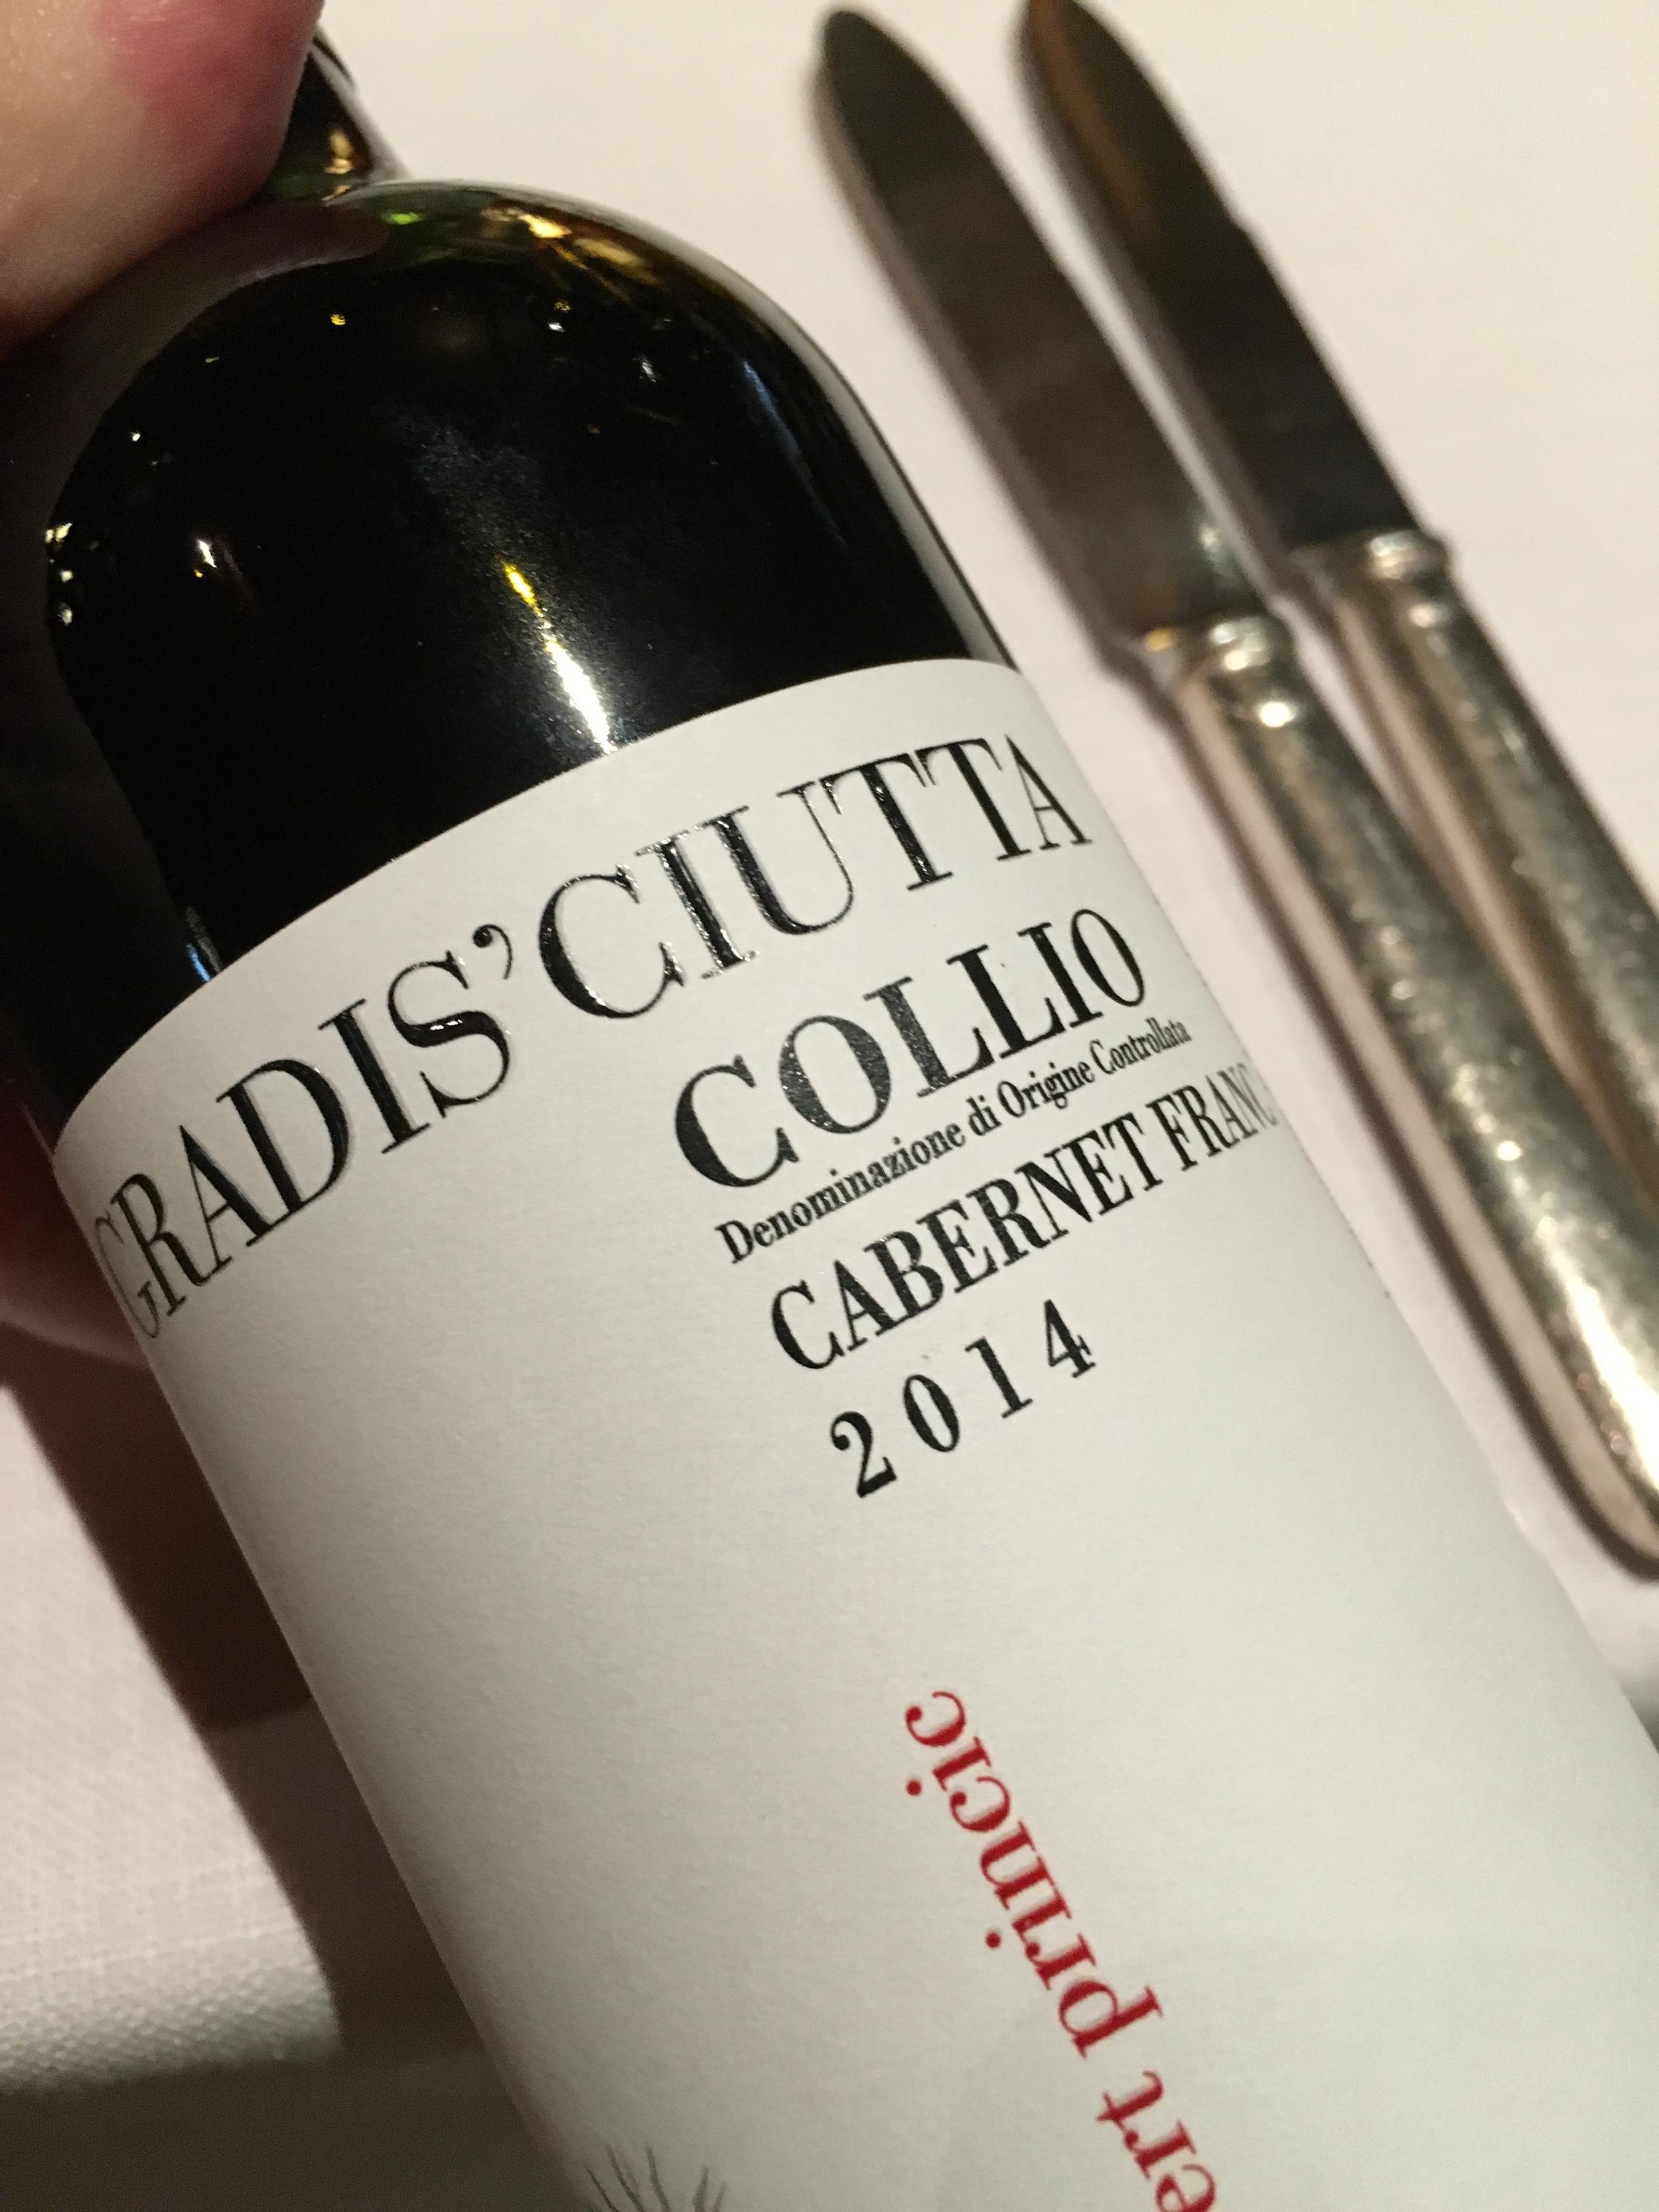 Gradis Ciutta Collio 2014 Cabernet Franc